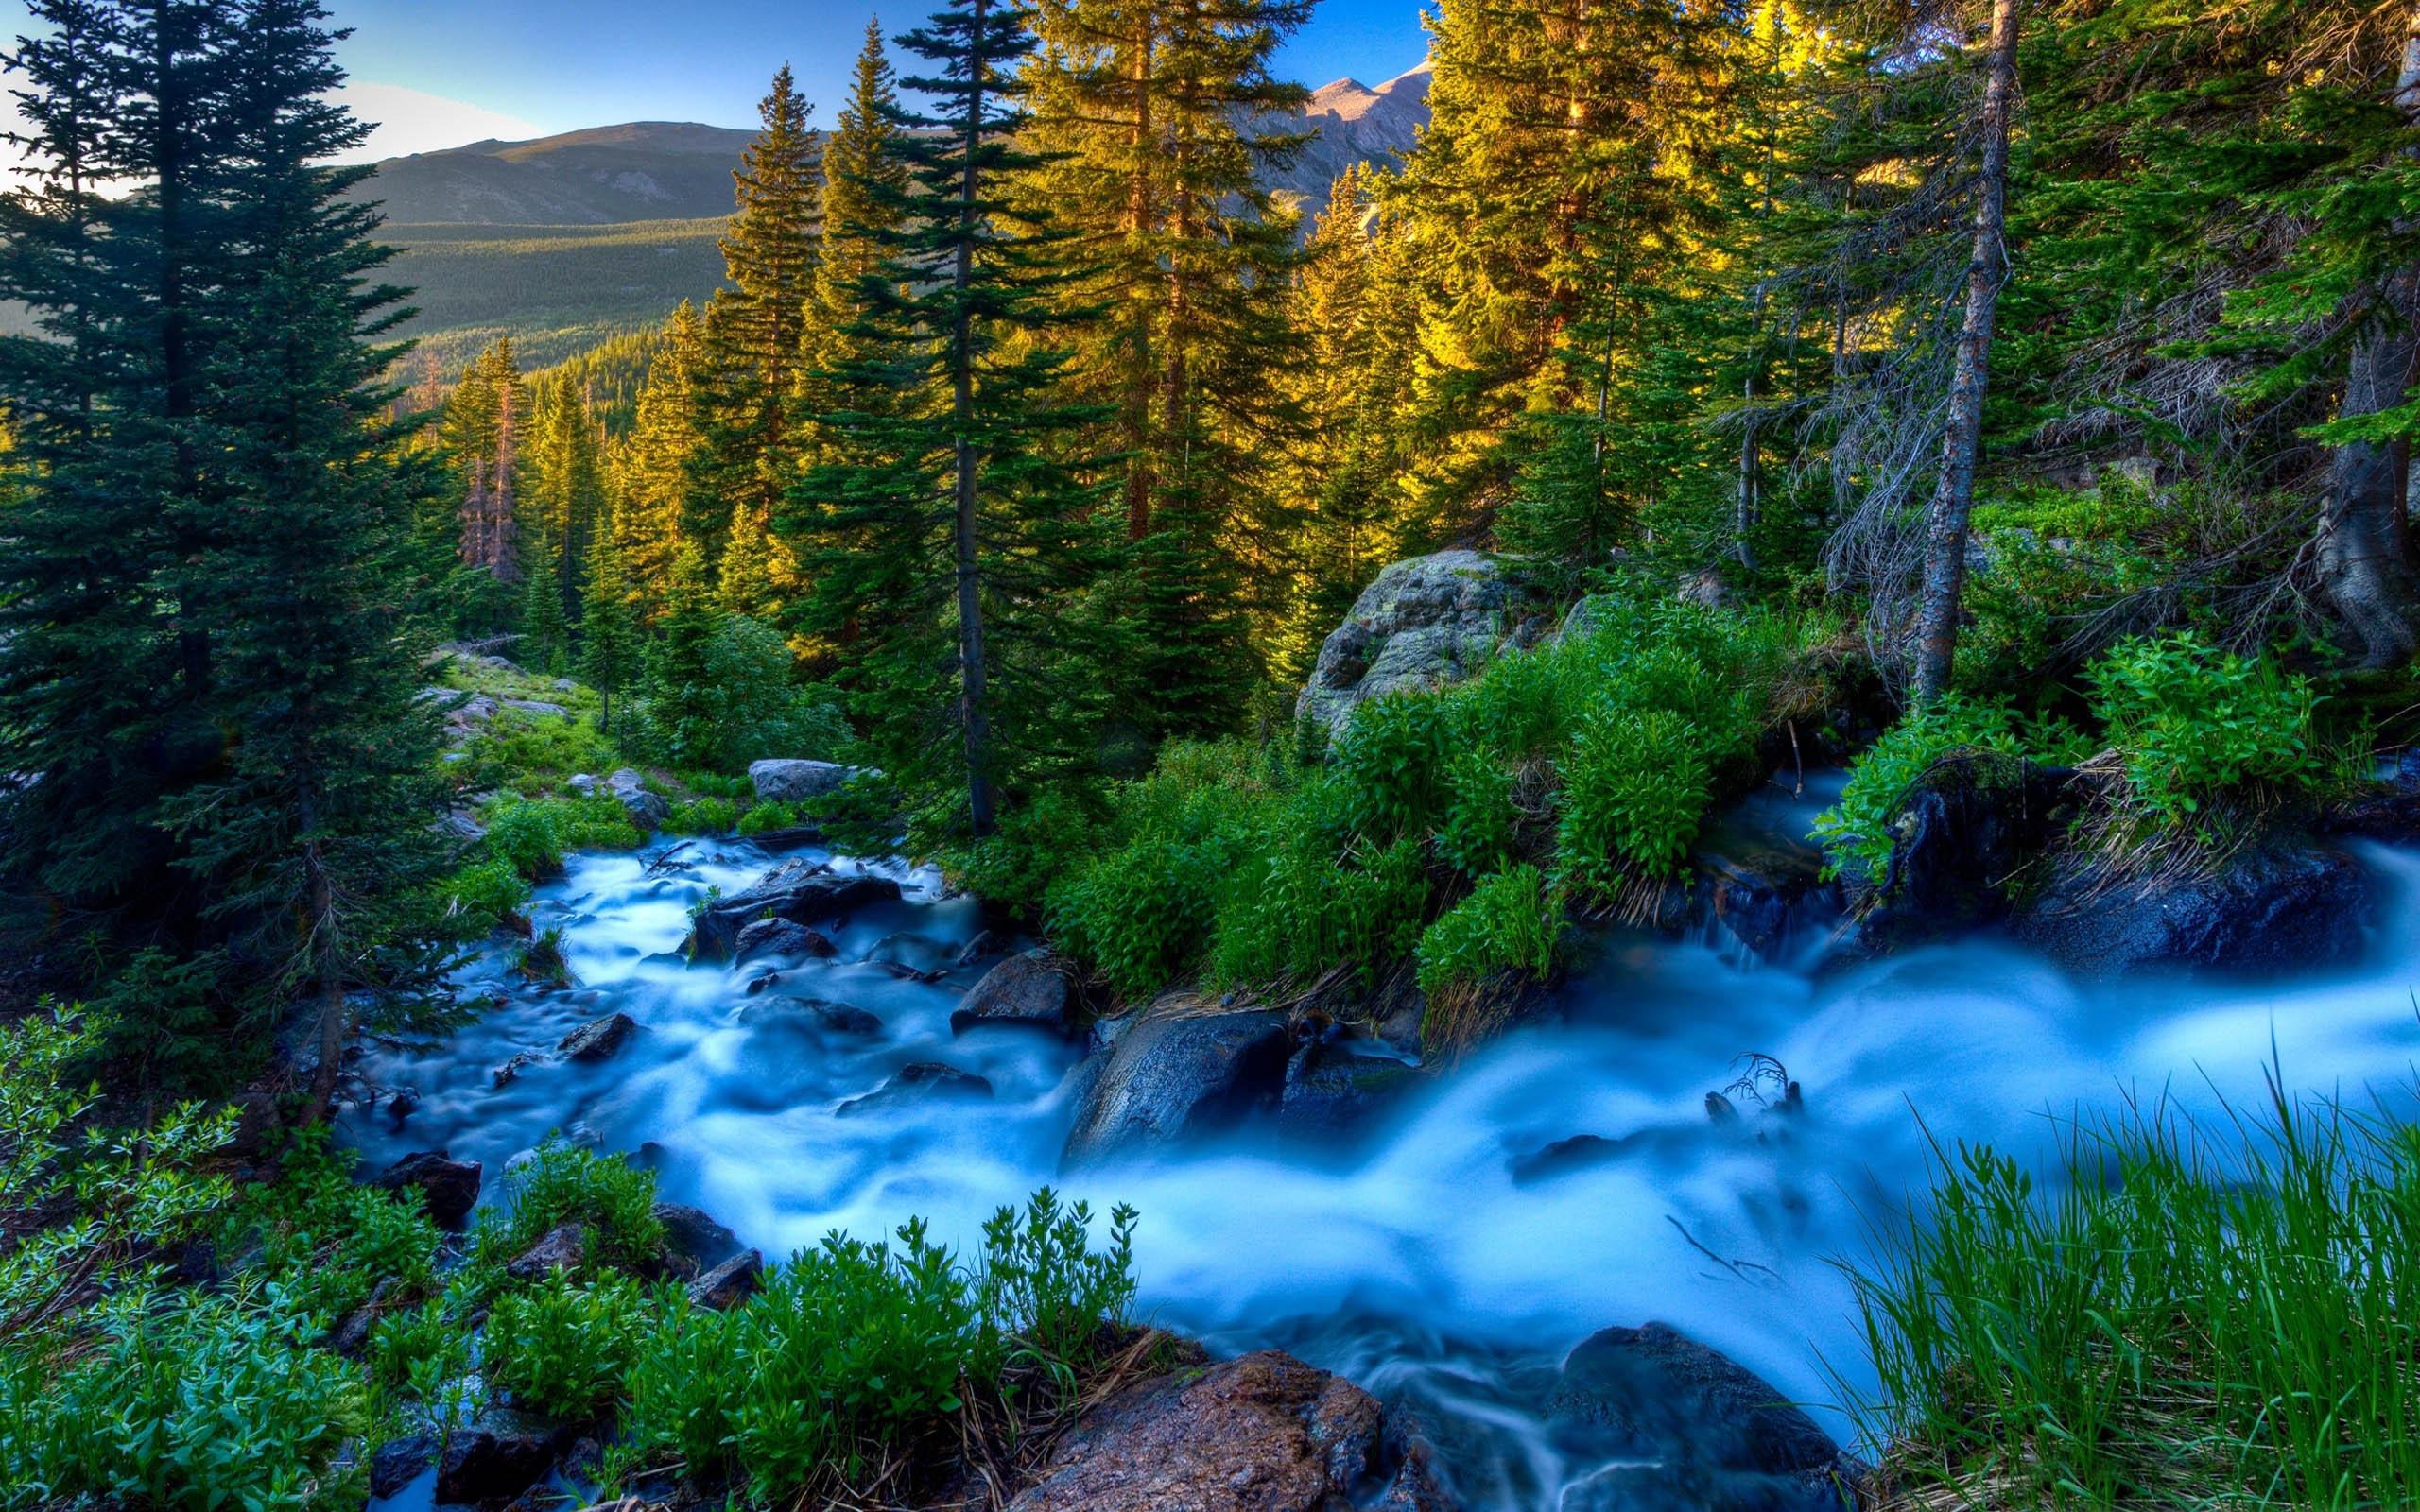 Mountain River Wallpaper 6976383 2560x1600